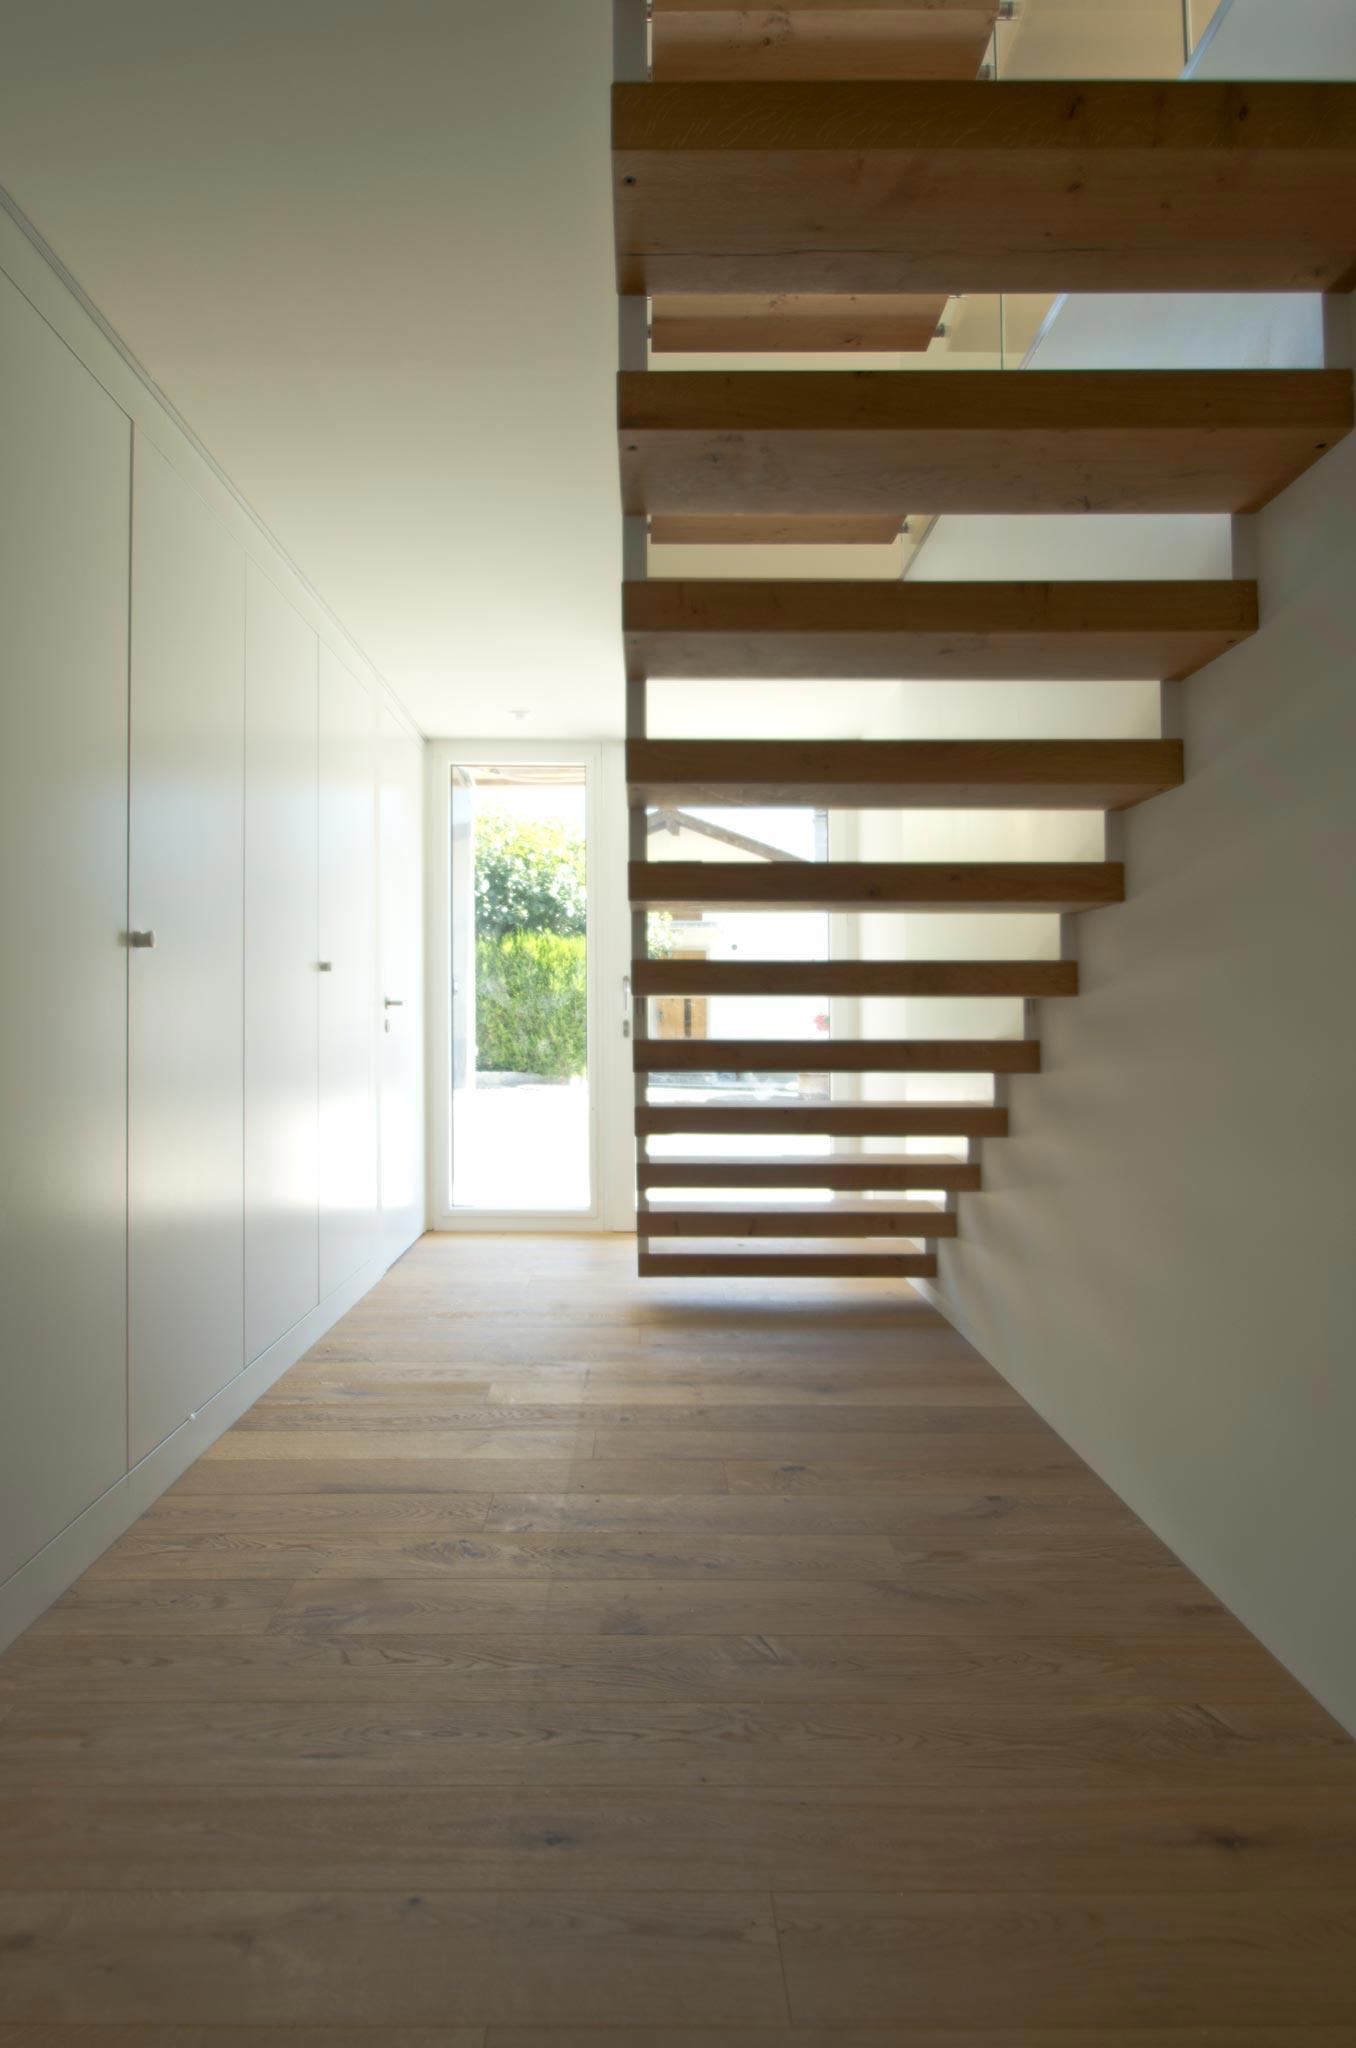 ES Amg escalier vtc 20 05 005 - Montée en transparence